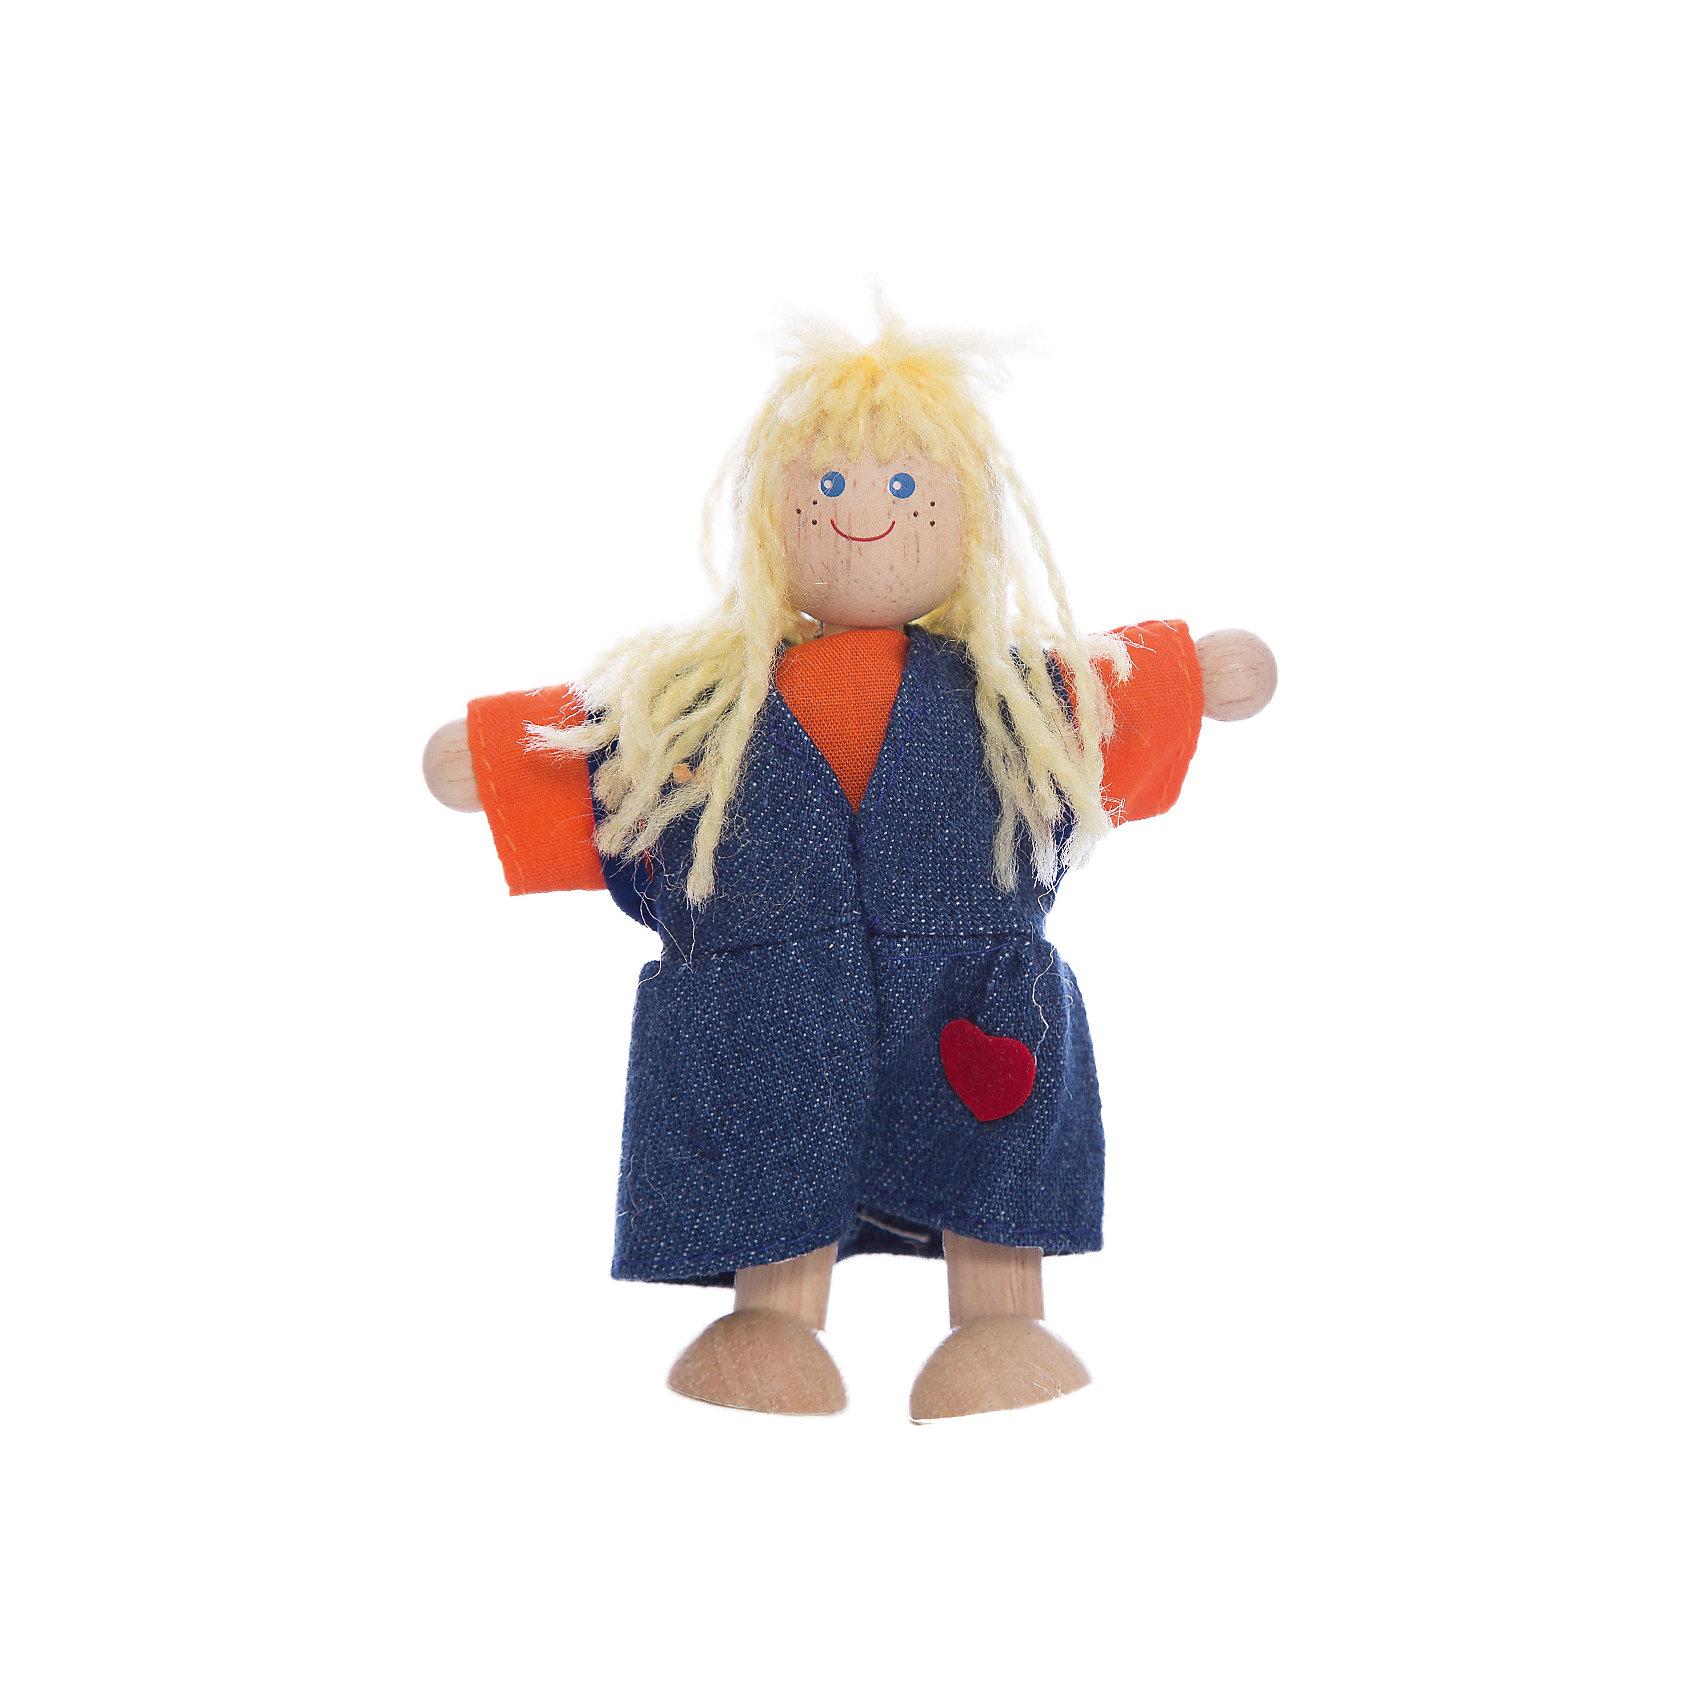 PLAN TOYS 7406 ДевочкаДеревянные куклы, домики и мебель<br>Девочка в джинсовом сарафане. <br><br>У этой девочки длинные волнистые волосы, а руки и ноги крепятся с помощью проволки к телу, поэтому она может принимать различные позы.<br><br>Все игрушки выполнены из каучукового дерева с использованием нетоксичных красок и специально изготавливаются с закругленными краями, чтобы избежать вероятности травмирования.<br><br>Дополнительная информация:<br><br>Размер: 5 х 3 х 10 см.<br>Материал: каучуковое дерево, натуральный хлопок.<br><br>Ширина мм: 43<br>Глубина мм: 140<br>Высота мм: 63<br>Вес г: 180<br>Возраст от месяцев: 36<br>Возраст до месяцев: 72<br>Пол: Женский<br>Возраст: Детский<br>SKU: 2175341